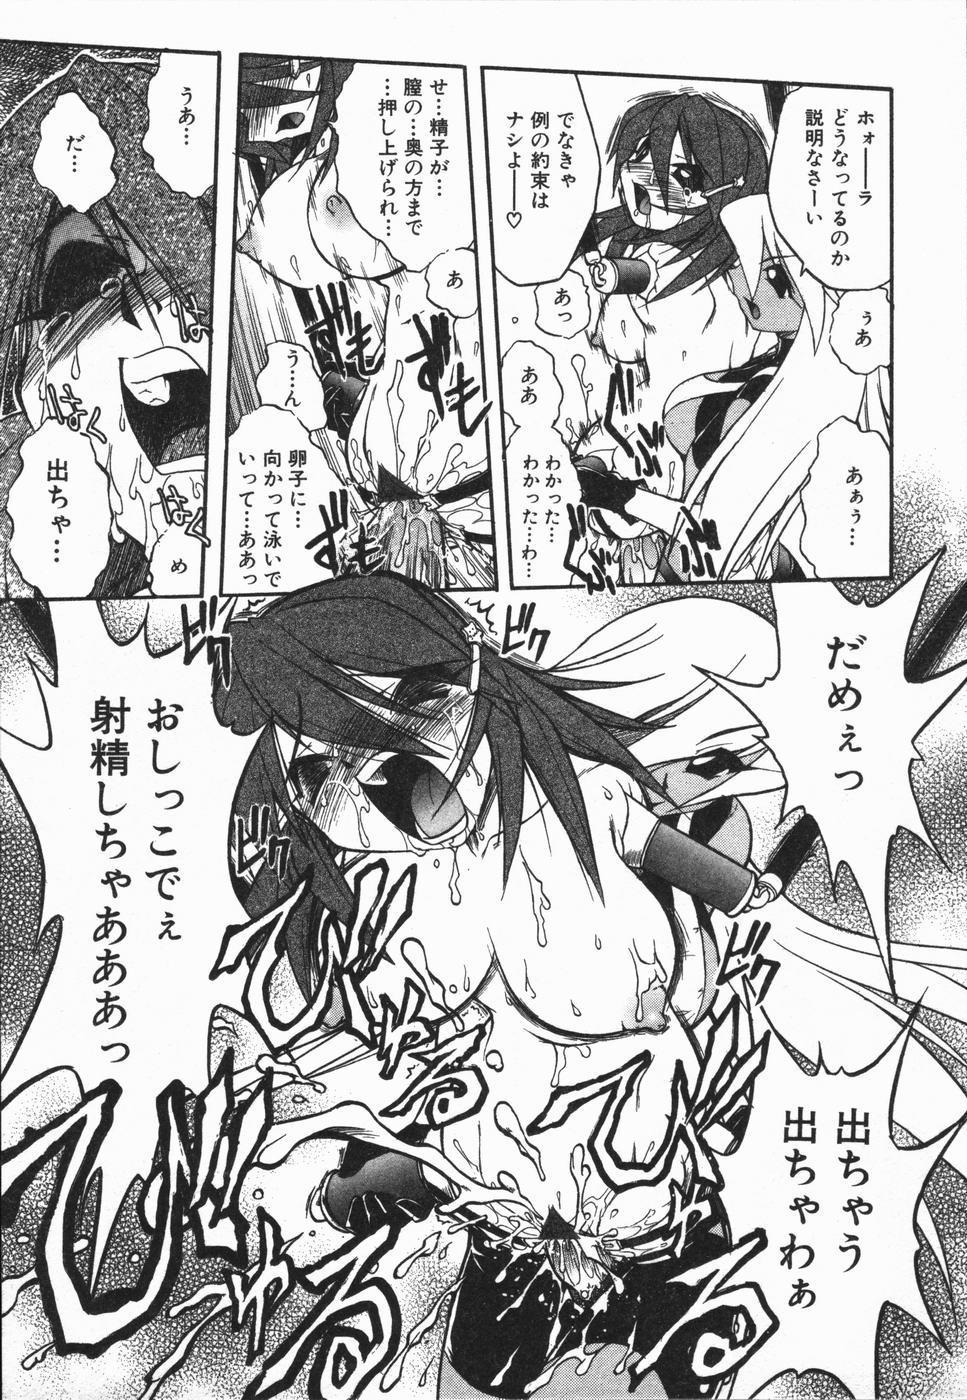 [Oka Sundome] Mebina-tachi no Gogo | -Maybe-na Afternoon- 152